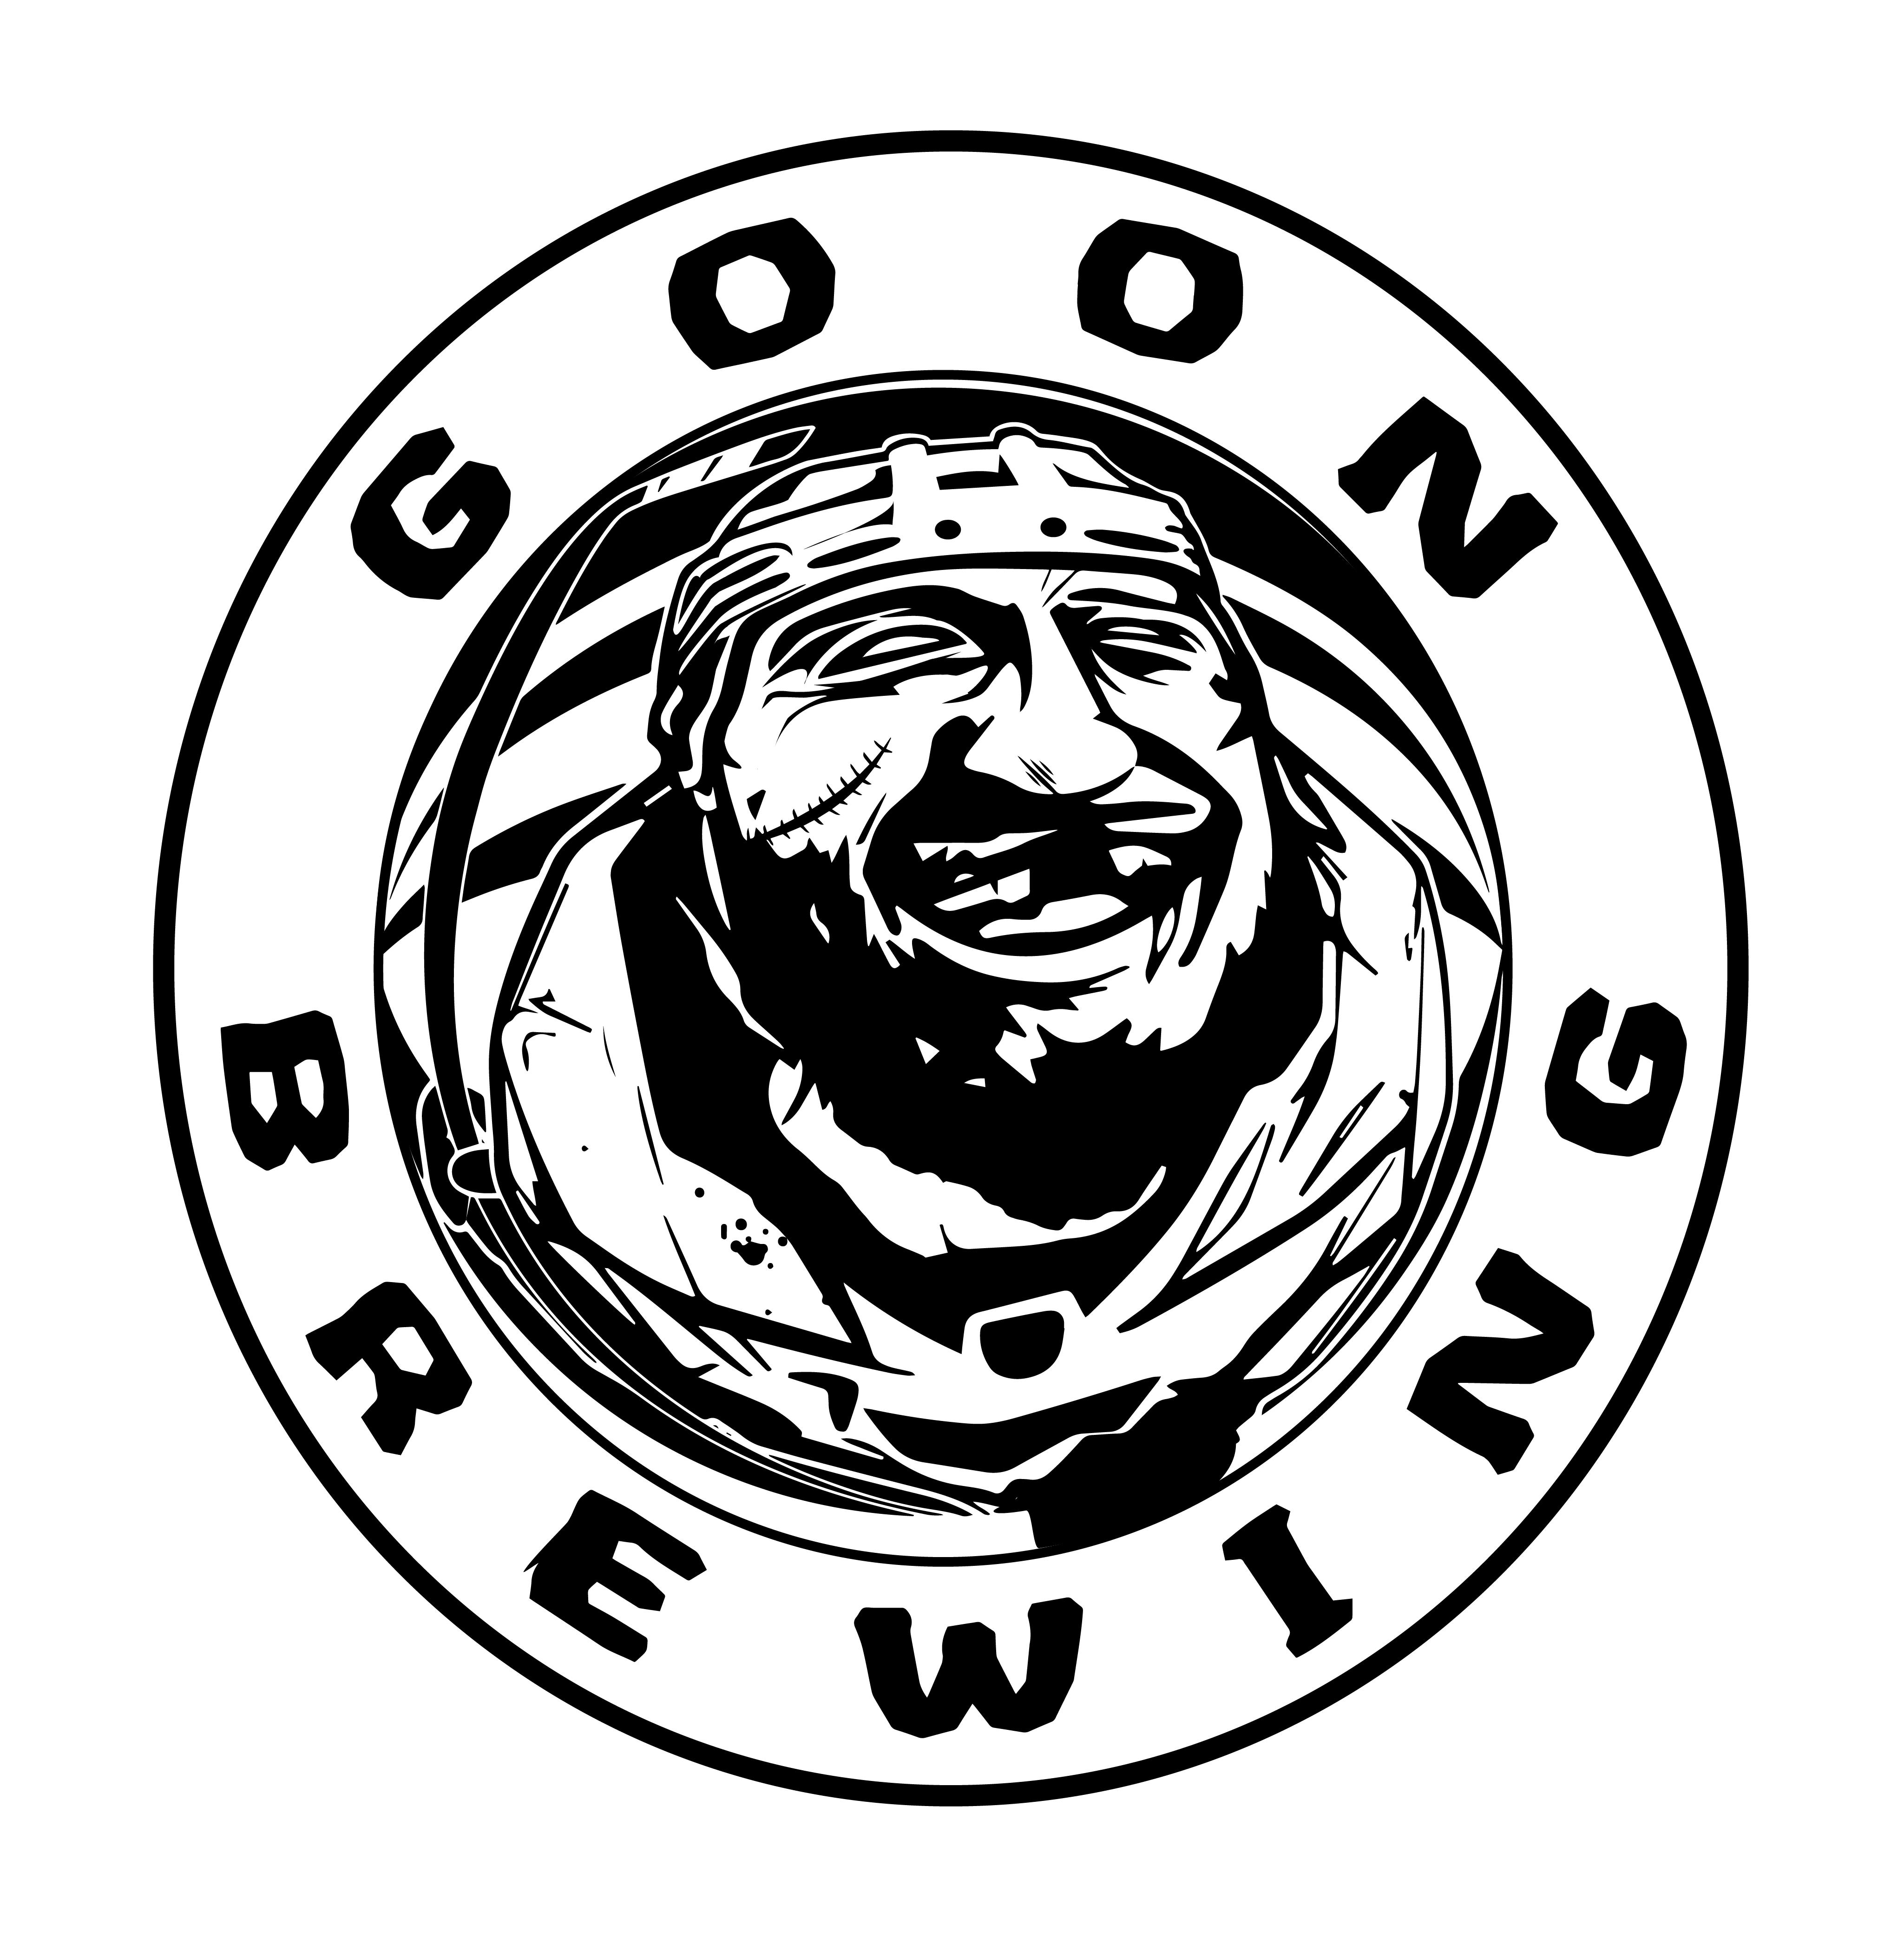 Goon Brewing